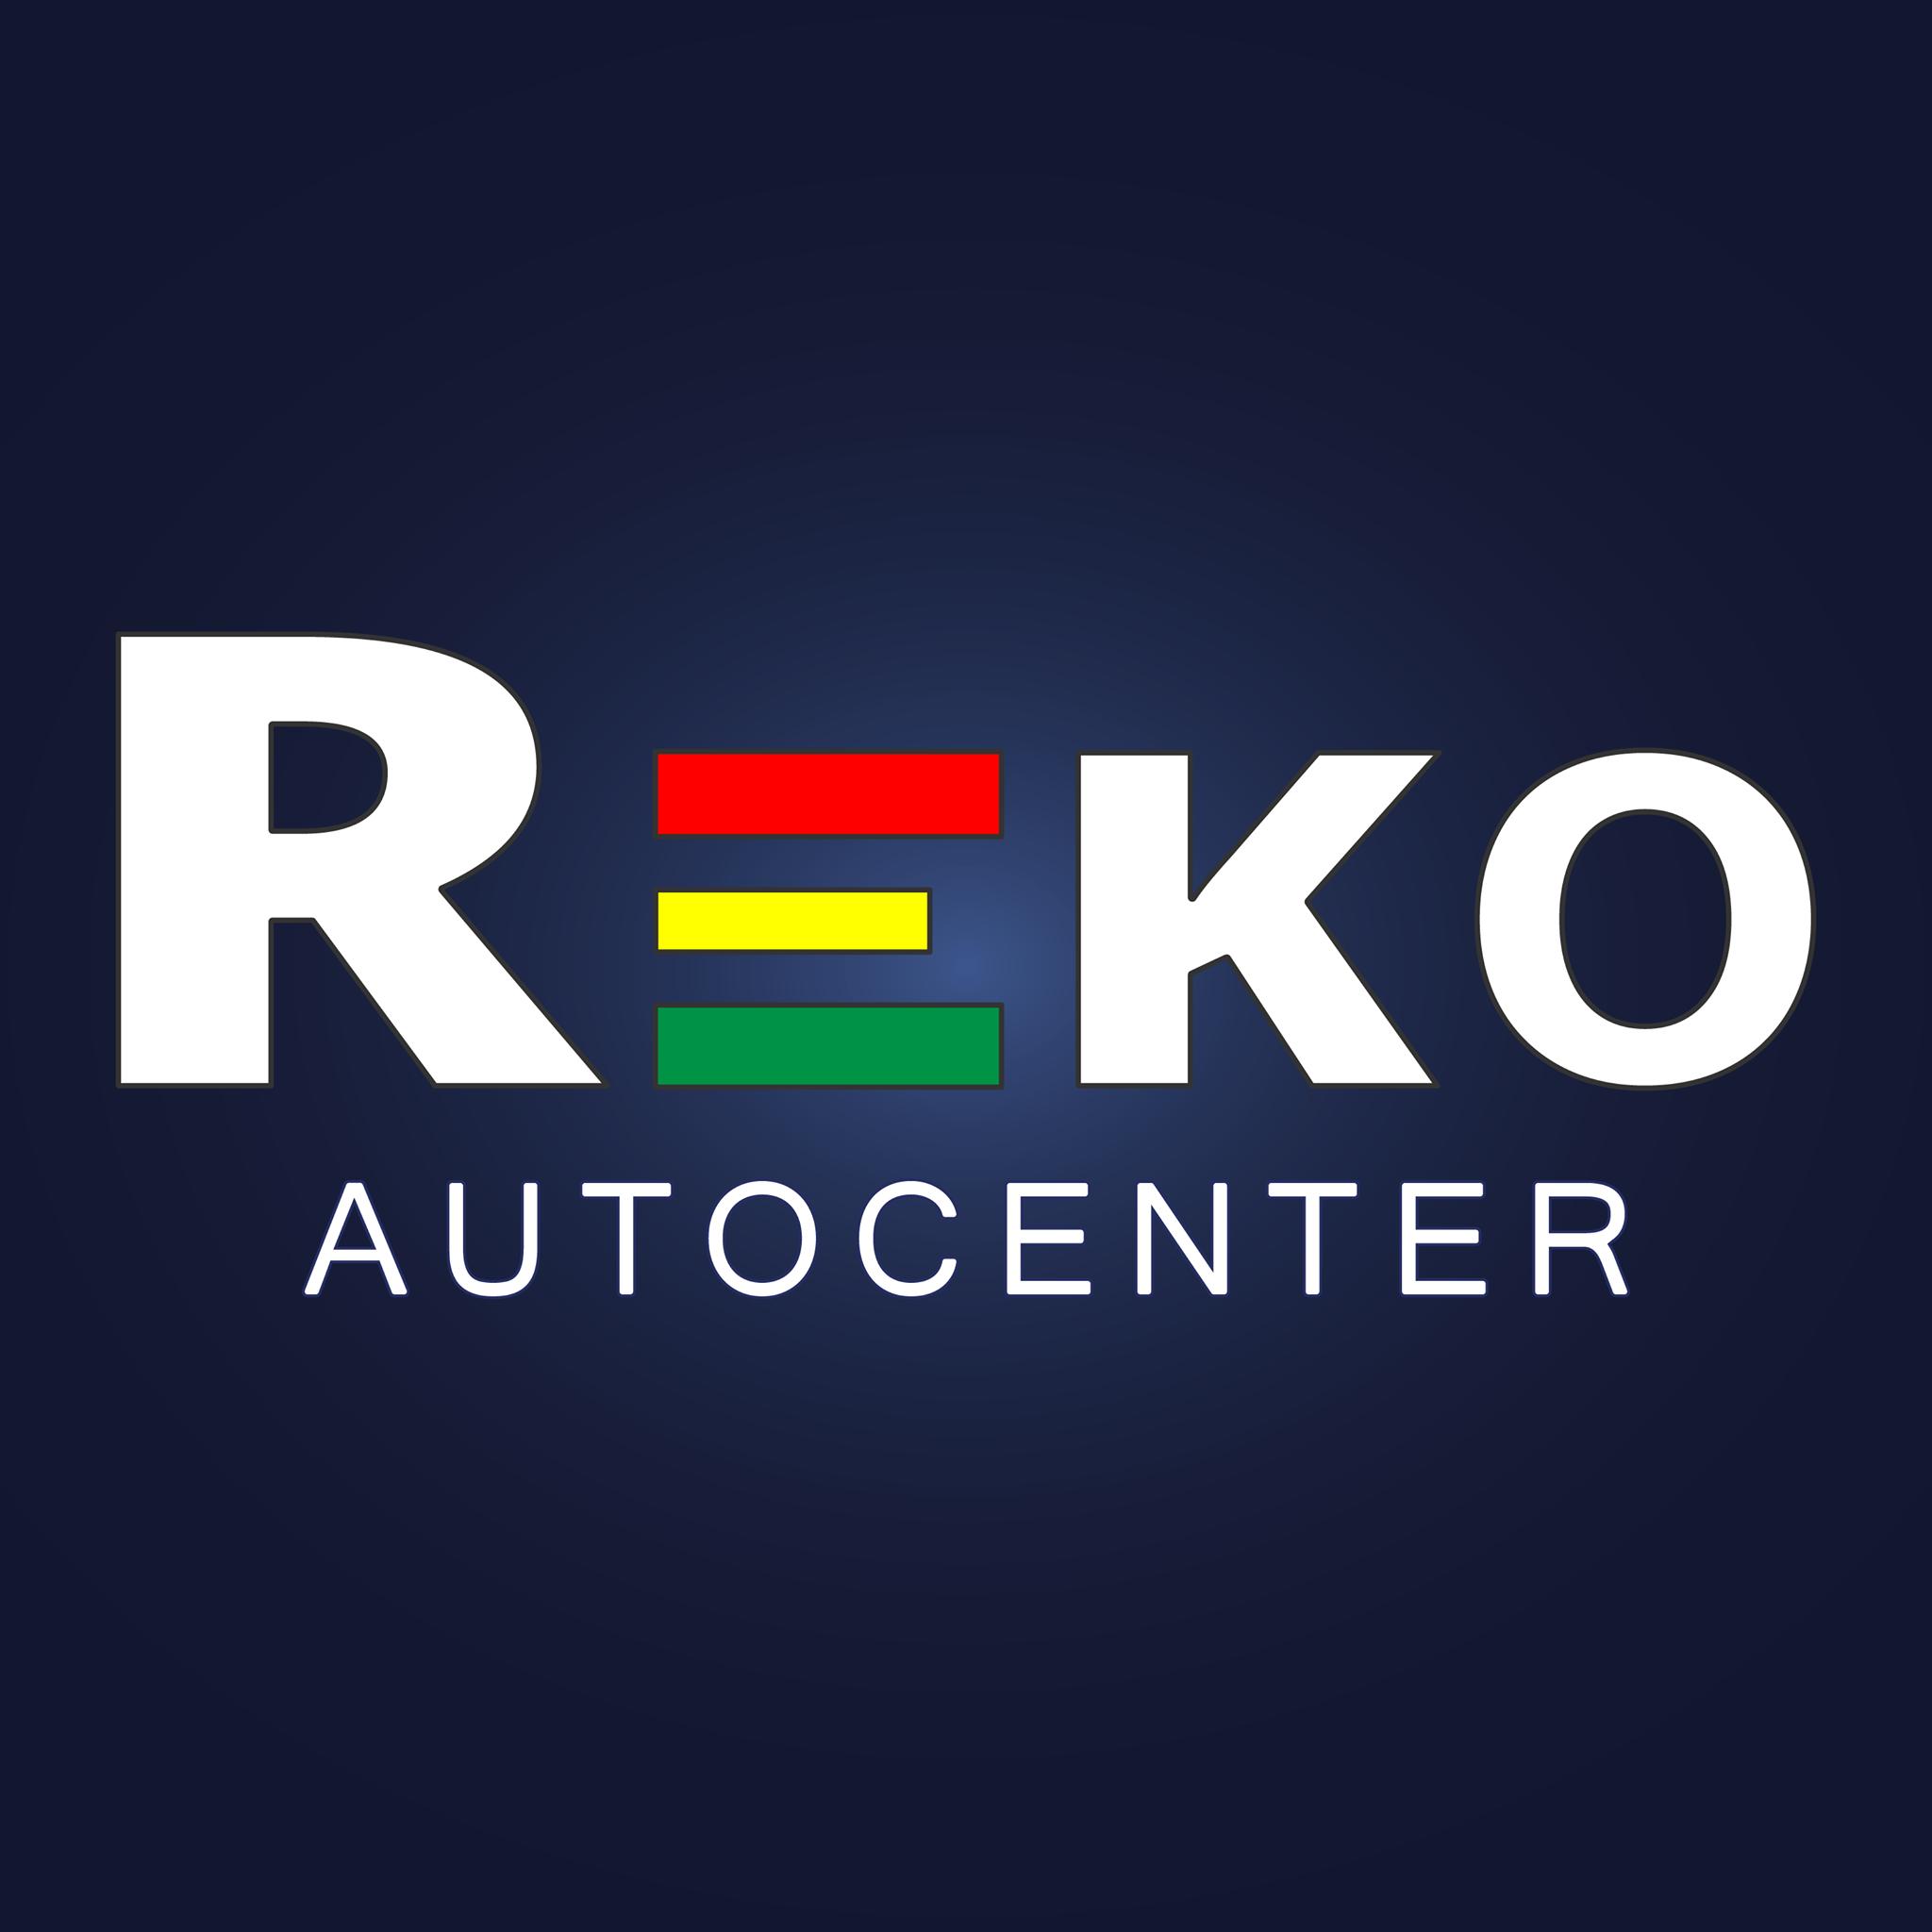 Reko Autocenter AB  logo